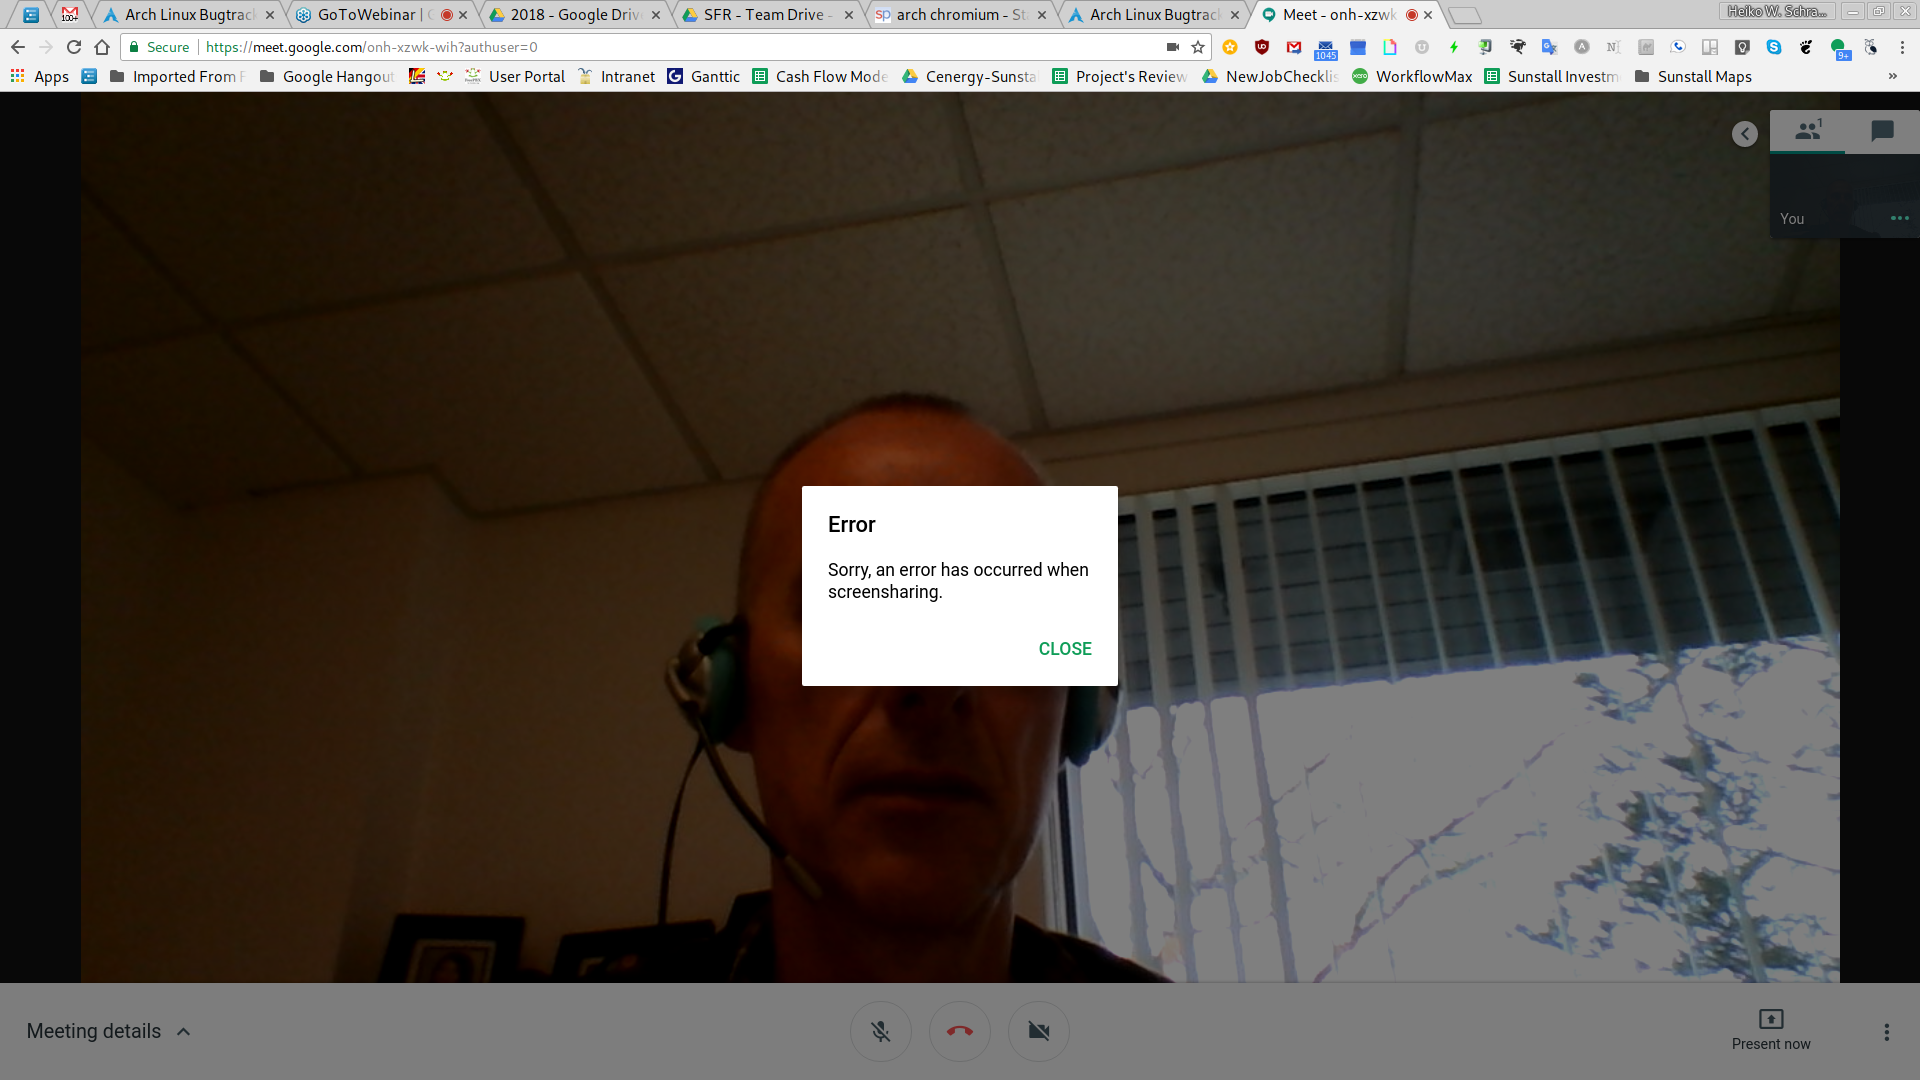 FS#58130 : [chromium] Error has occurred when screensharing